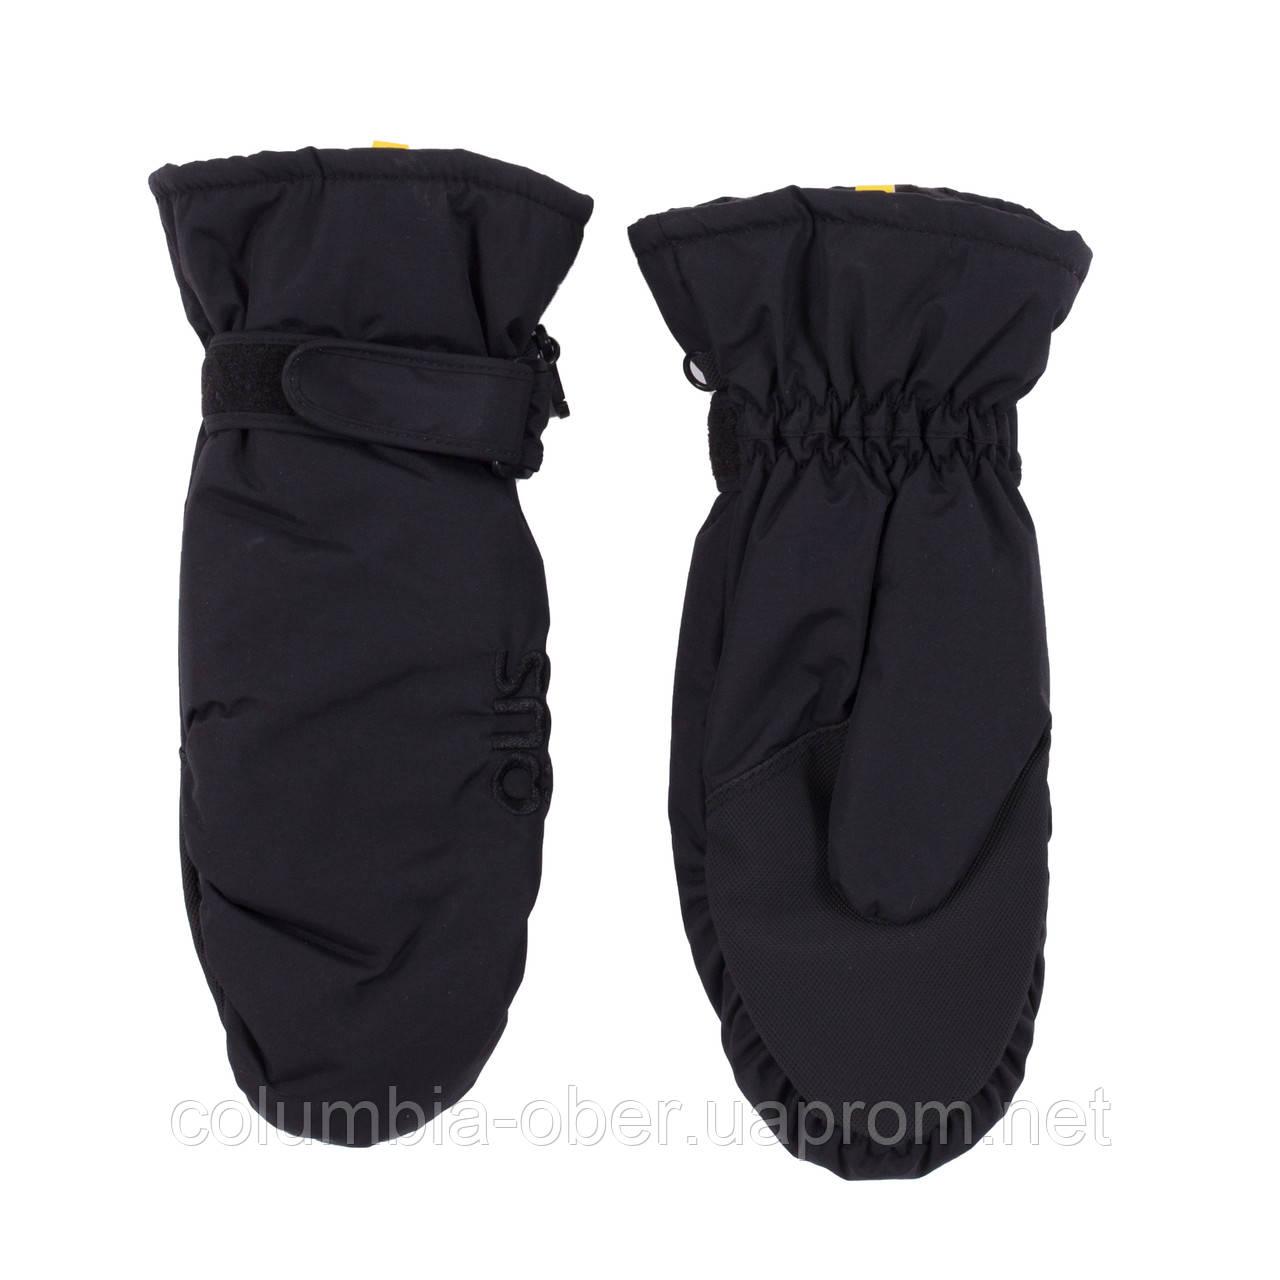 Зимние рукавицы - краги для мальчика SNO F18MIT310 Black. Размеры 7/8 - 14/16.